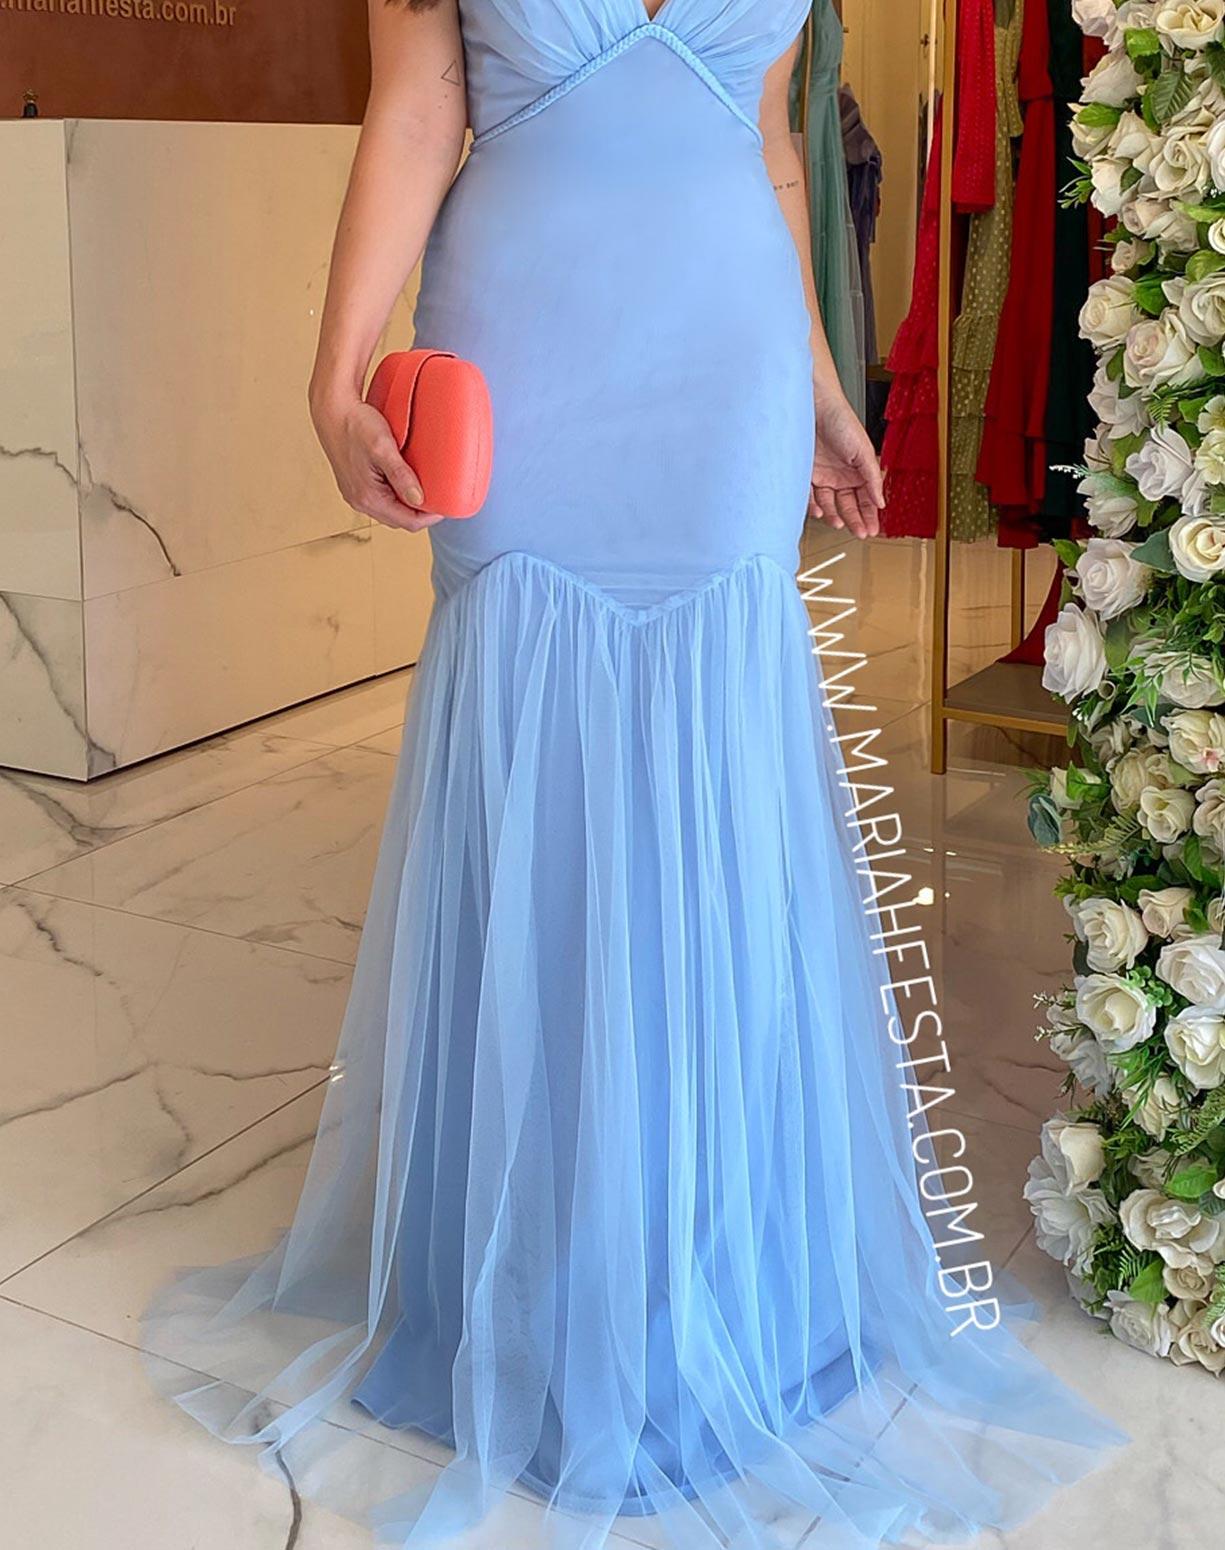 Vestido Sereia Azul Serenity em Tule